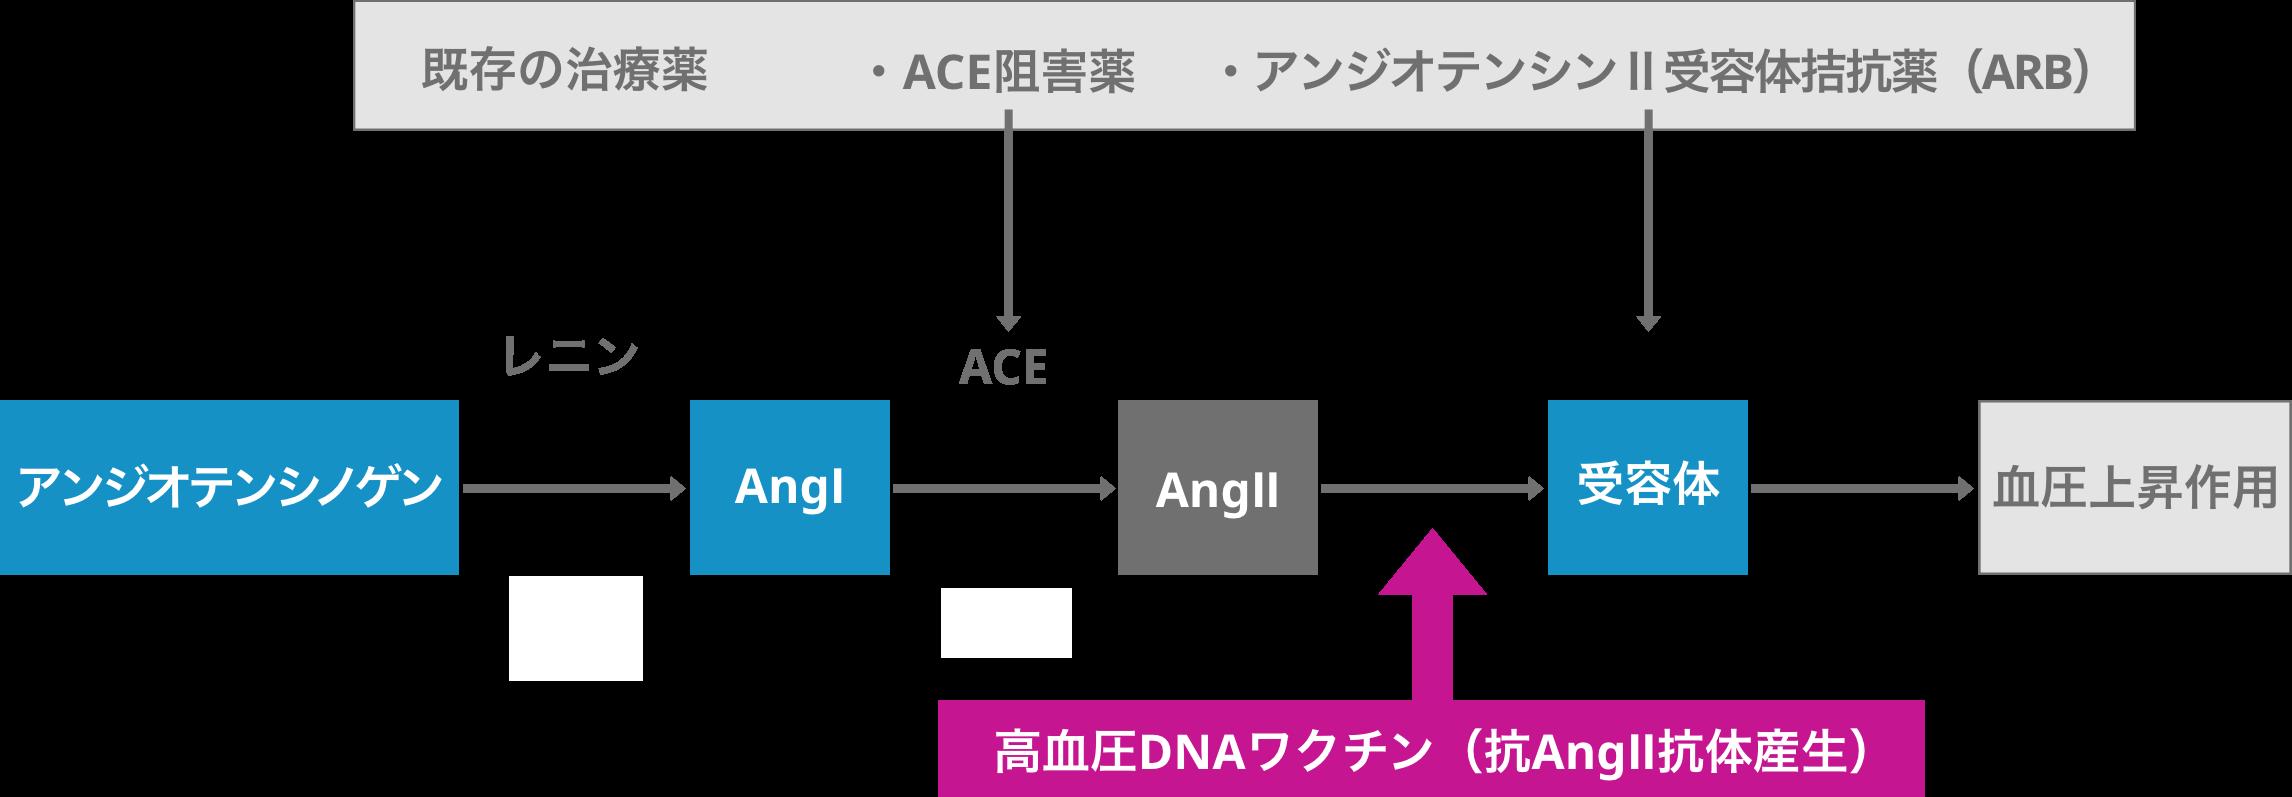 Ace 受容 体